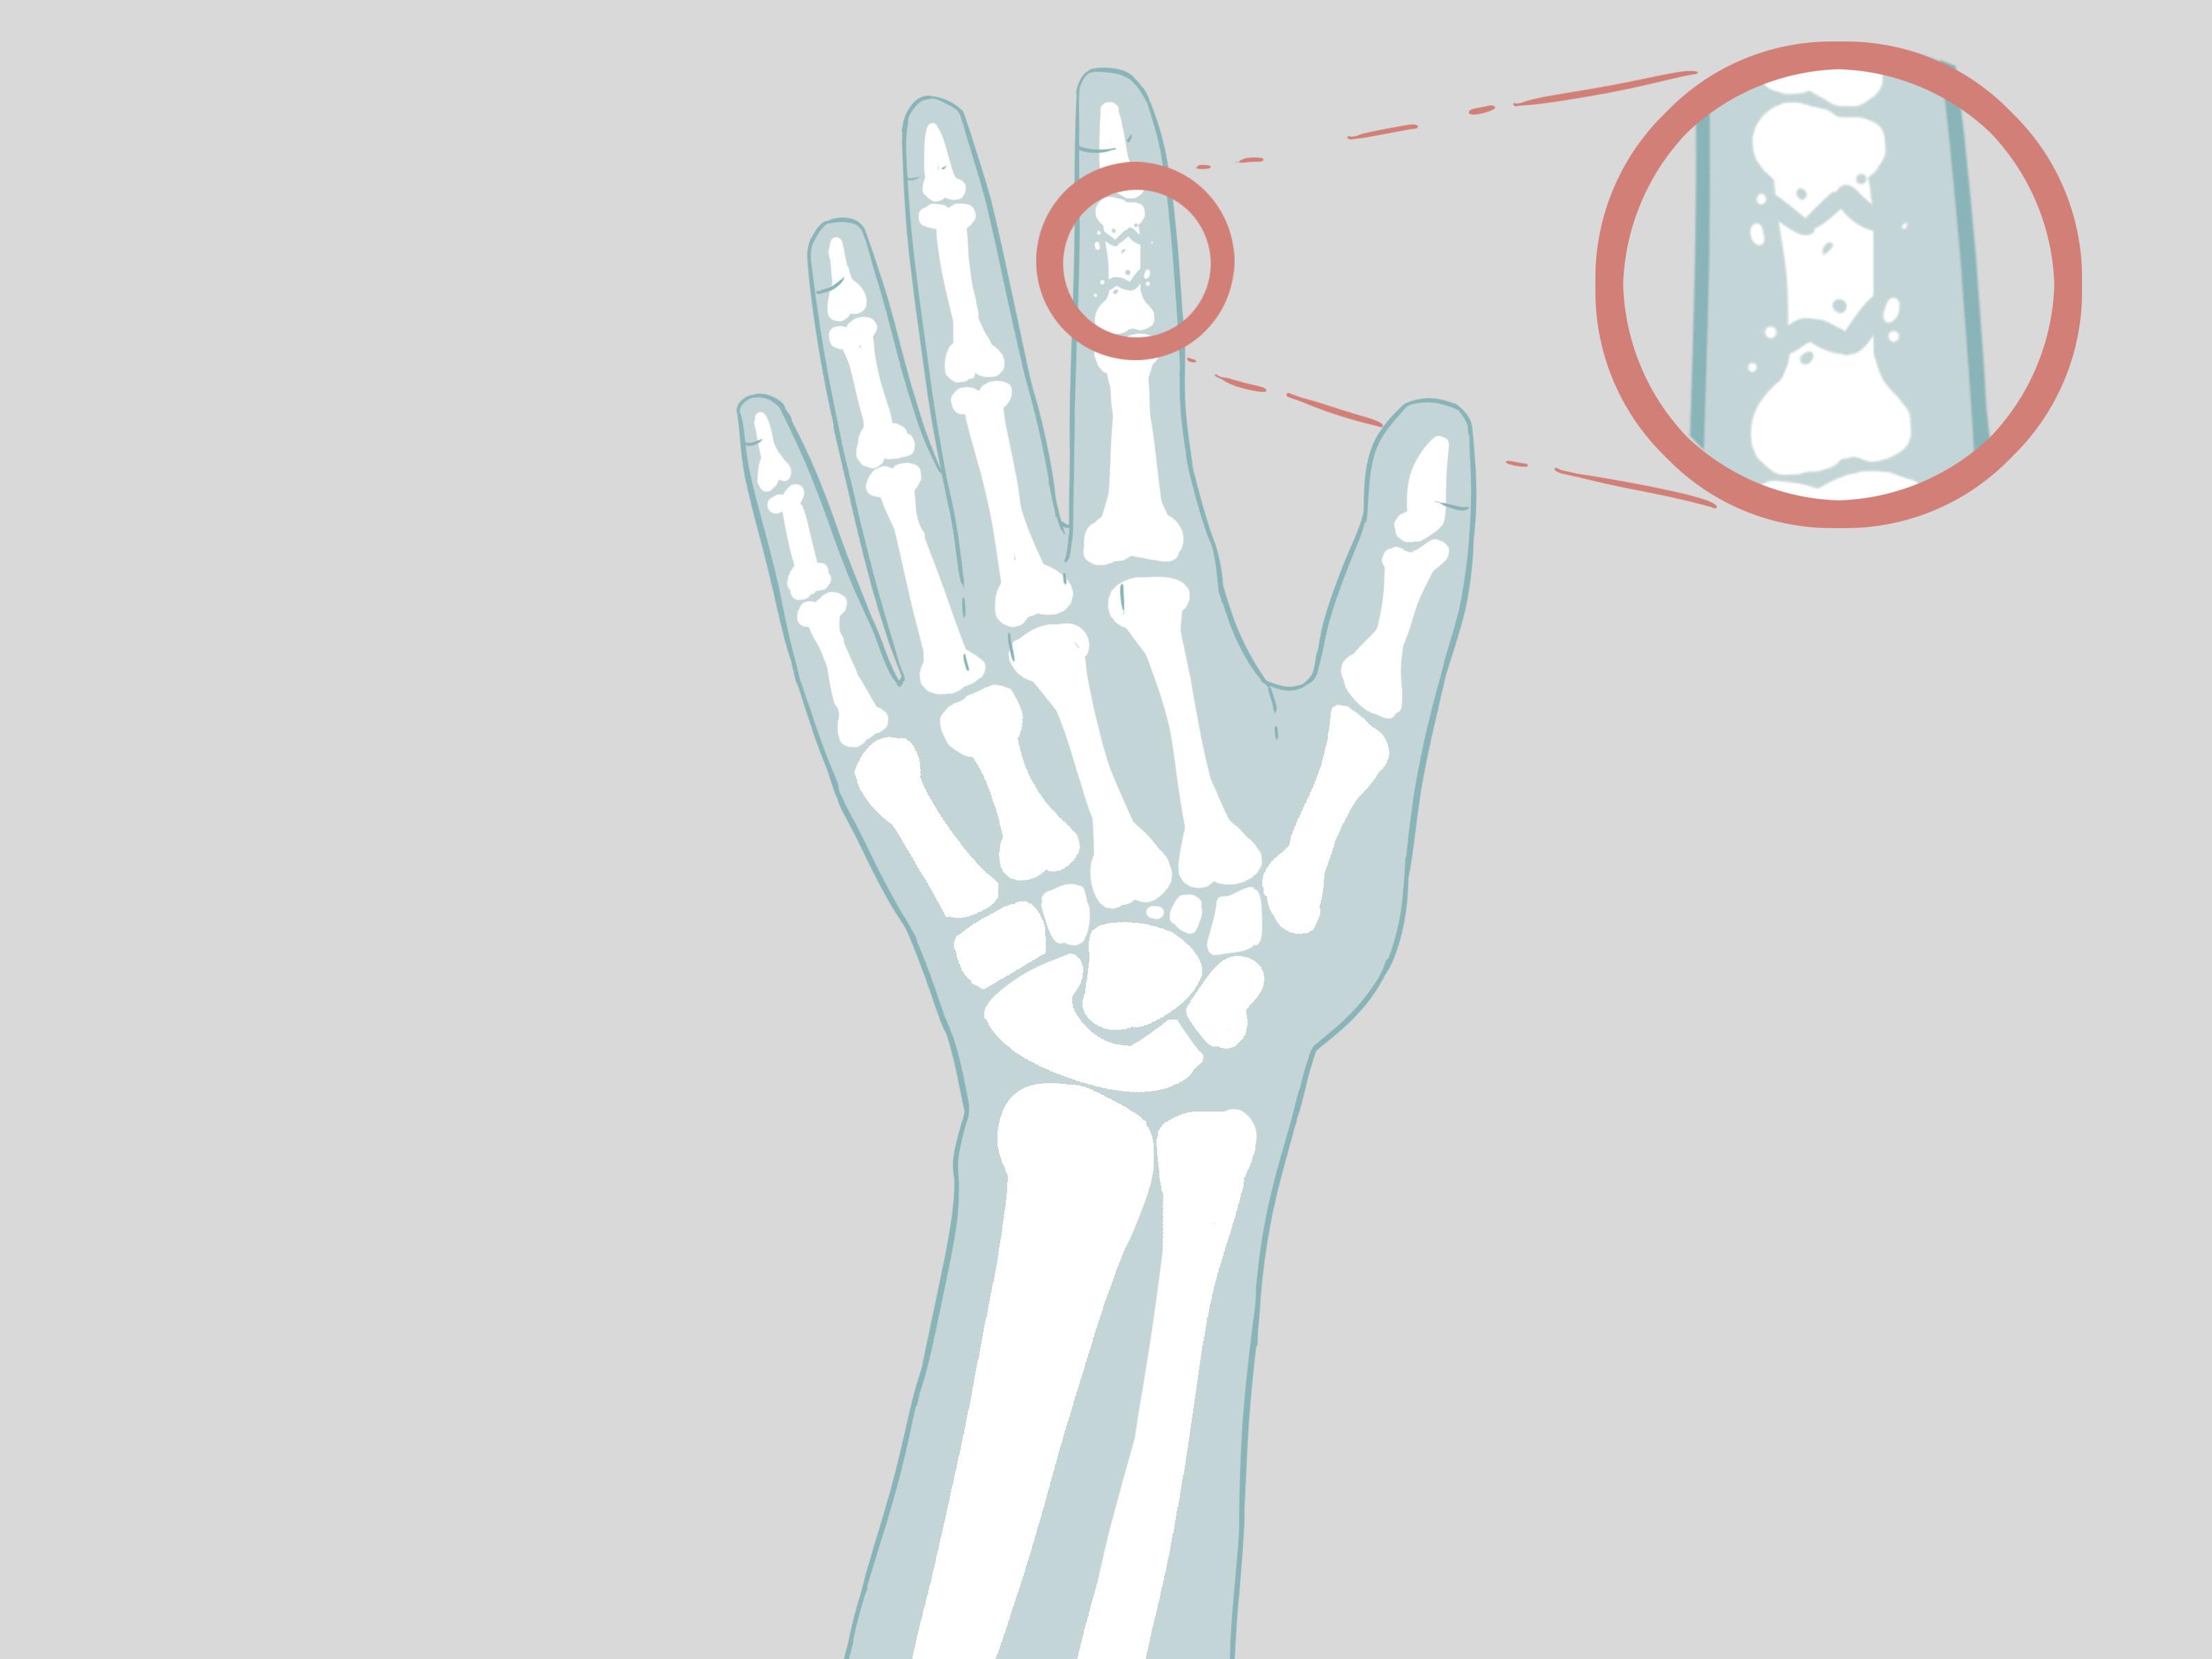 Вывих пальца руки лечение в домашних условиях - MedikYA 87